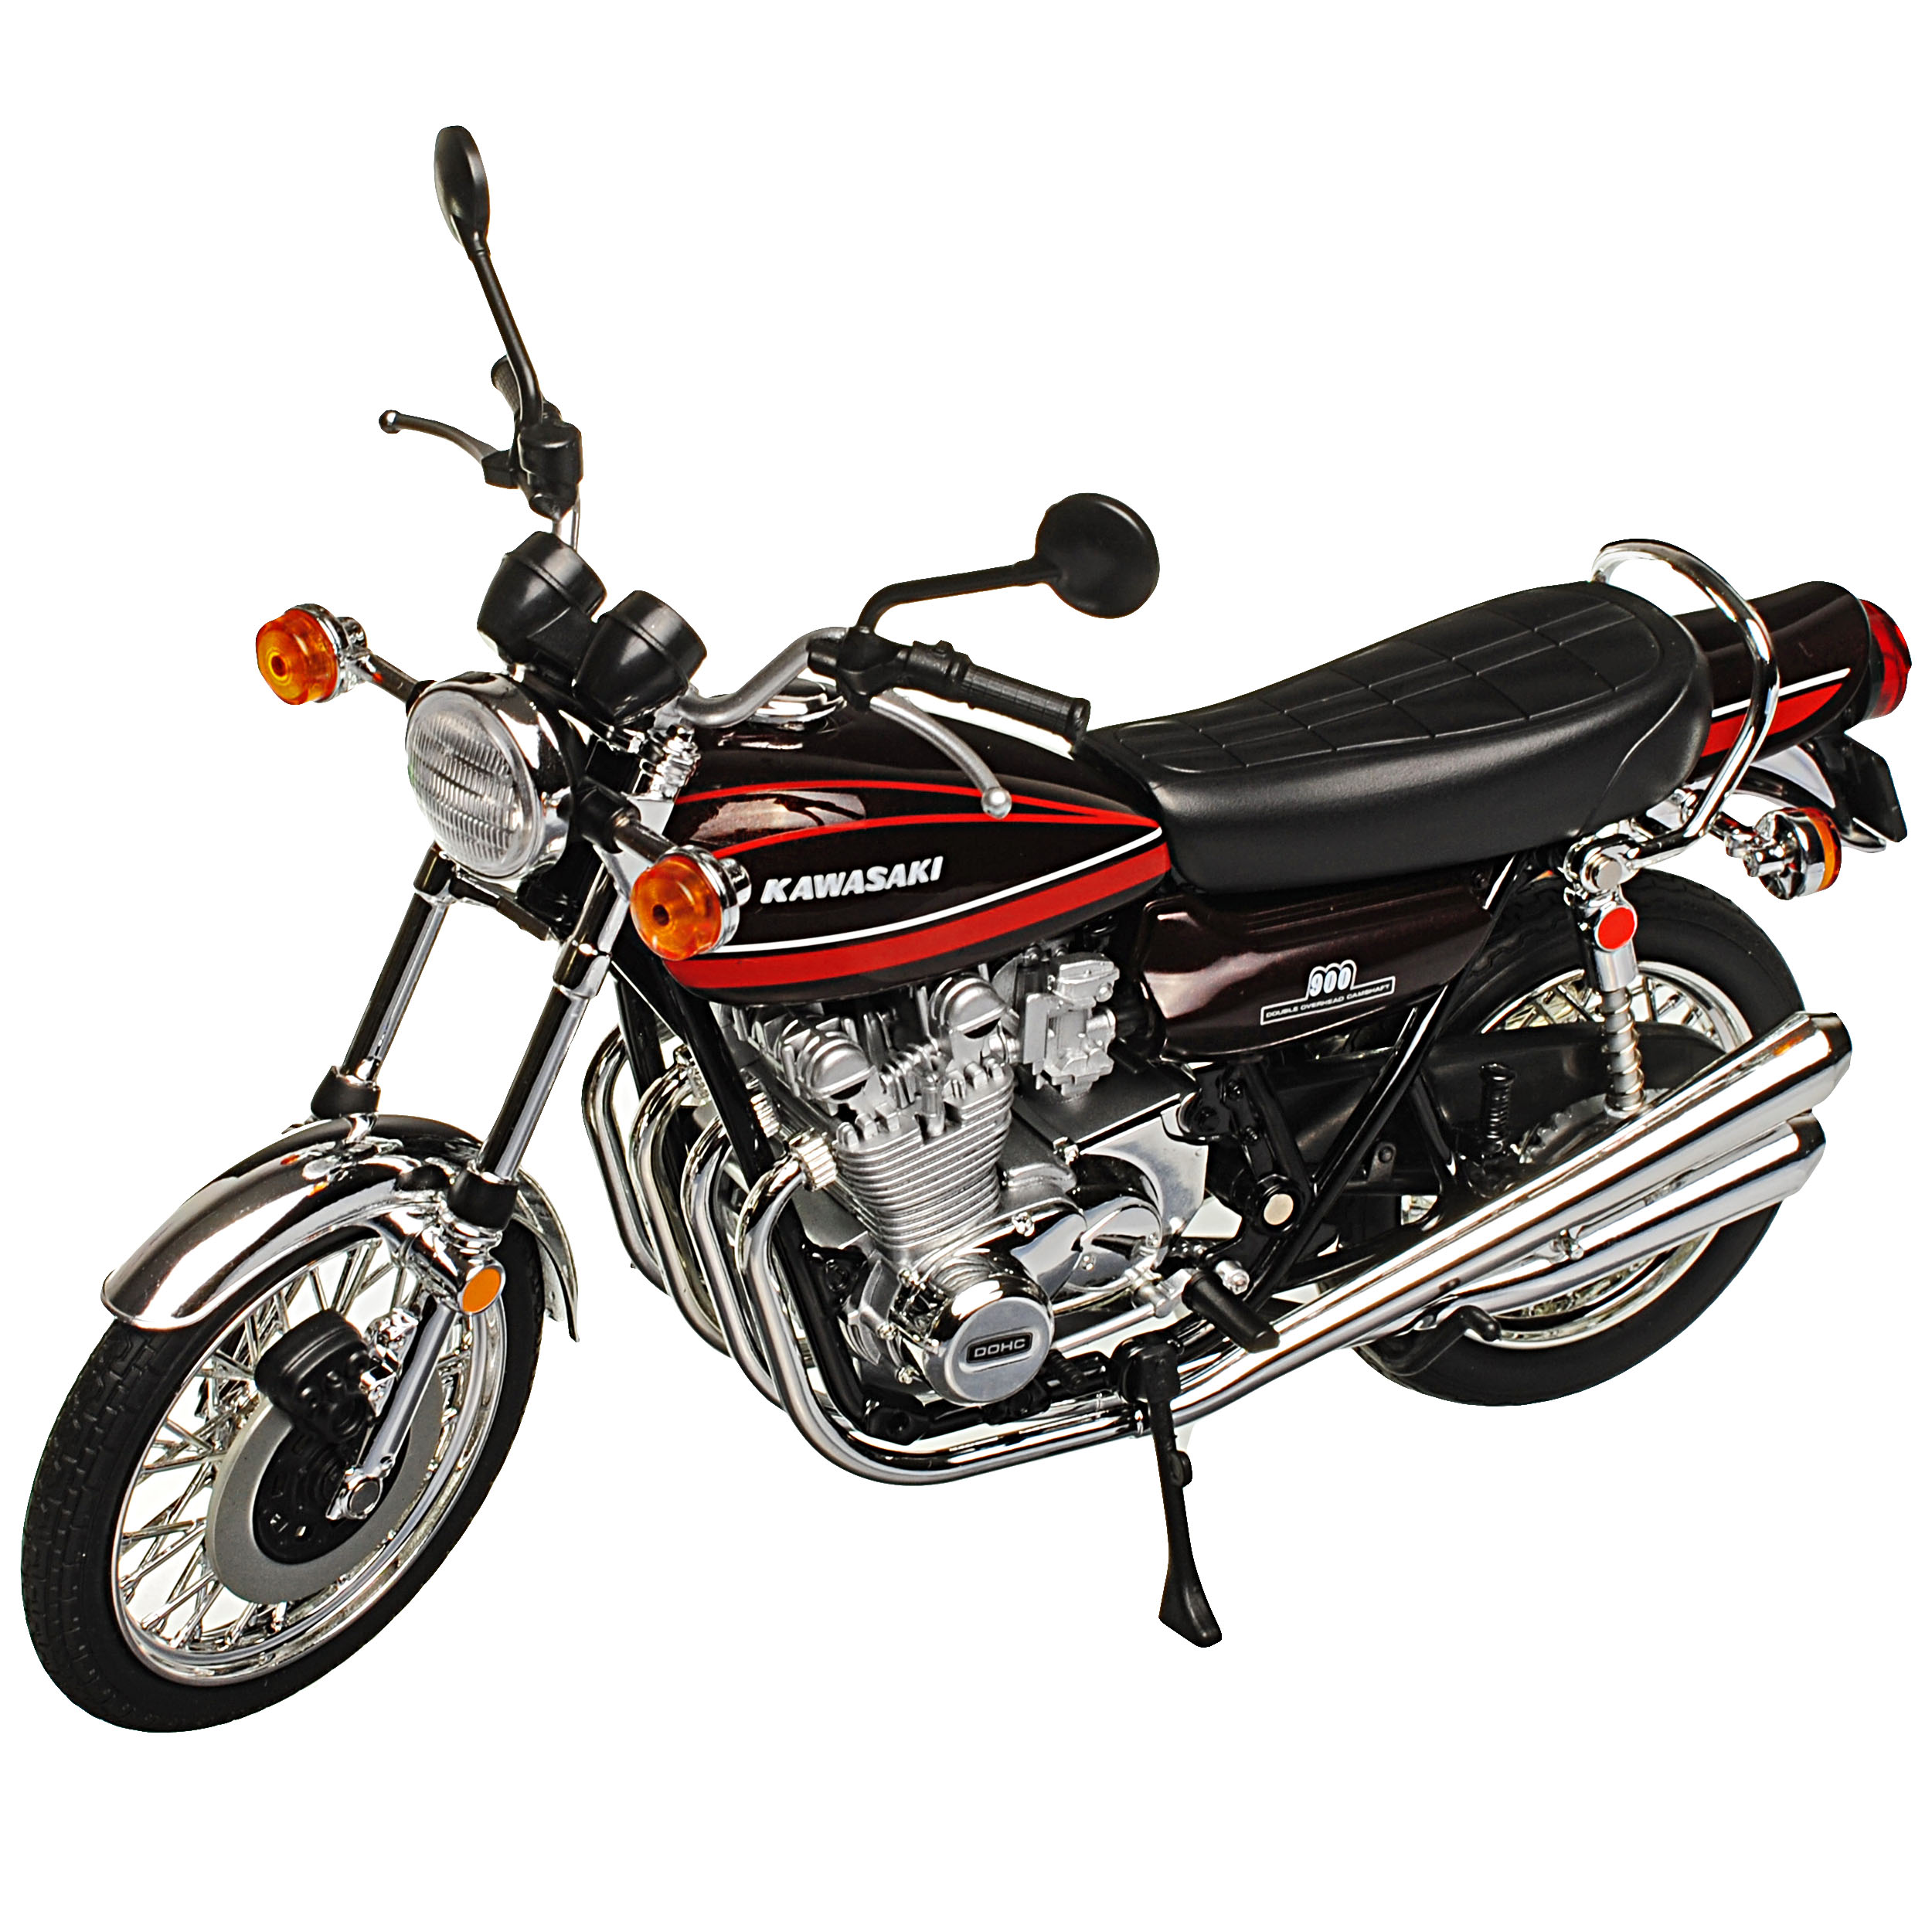 Kawasaki-900-Super-4-z1-rojo-con-rojo-1972-1976-listo-modelo-1-12-Aoshima-modelo miniatura 8